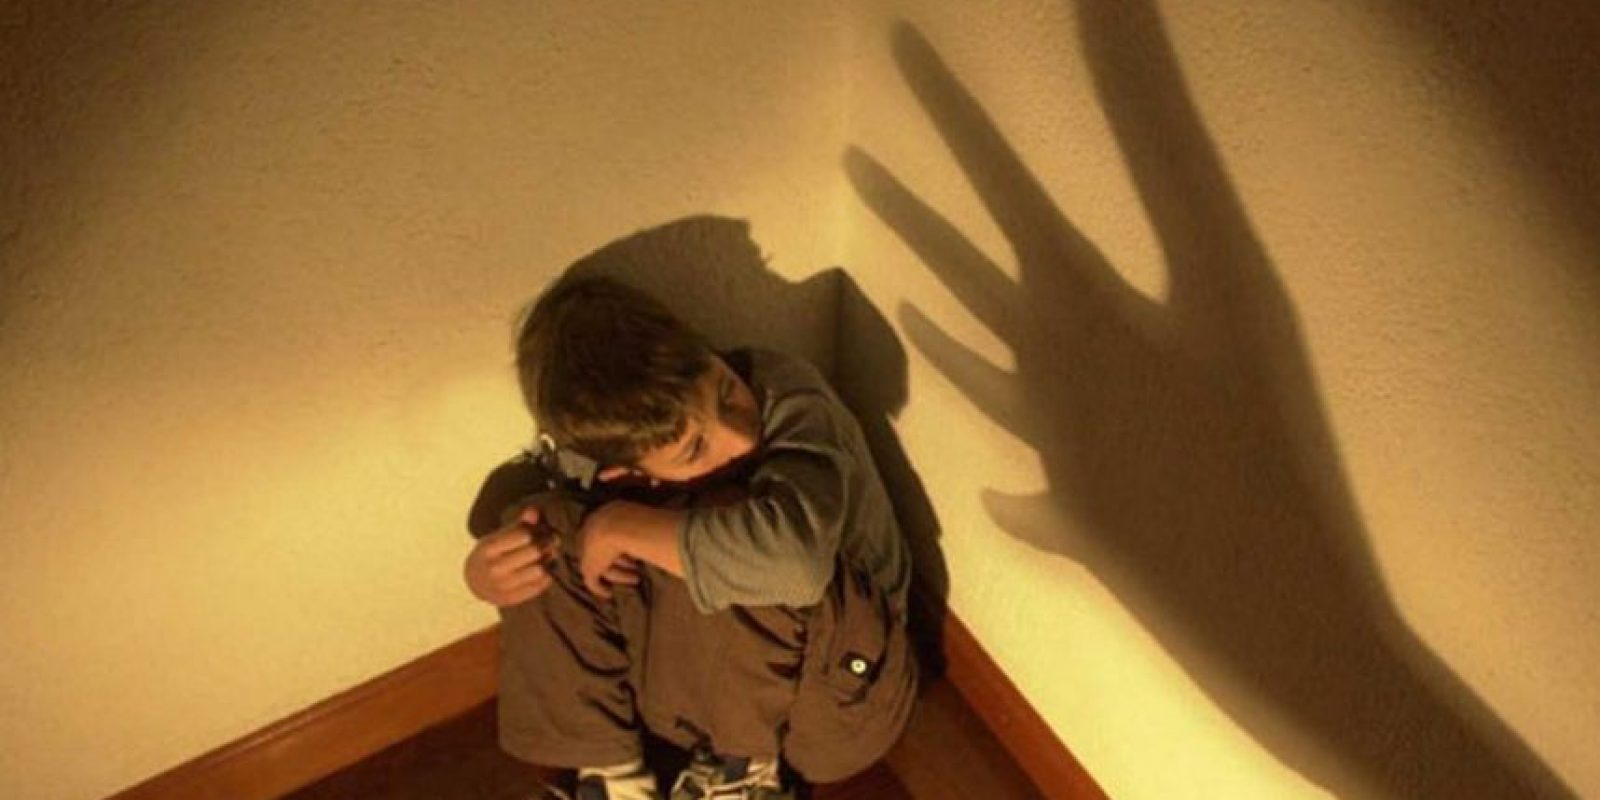 El maltrato infantil provoca efectos psicológicos como los siguientes: Foto:tumblr.com/tagged/maltrato-infantil